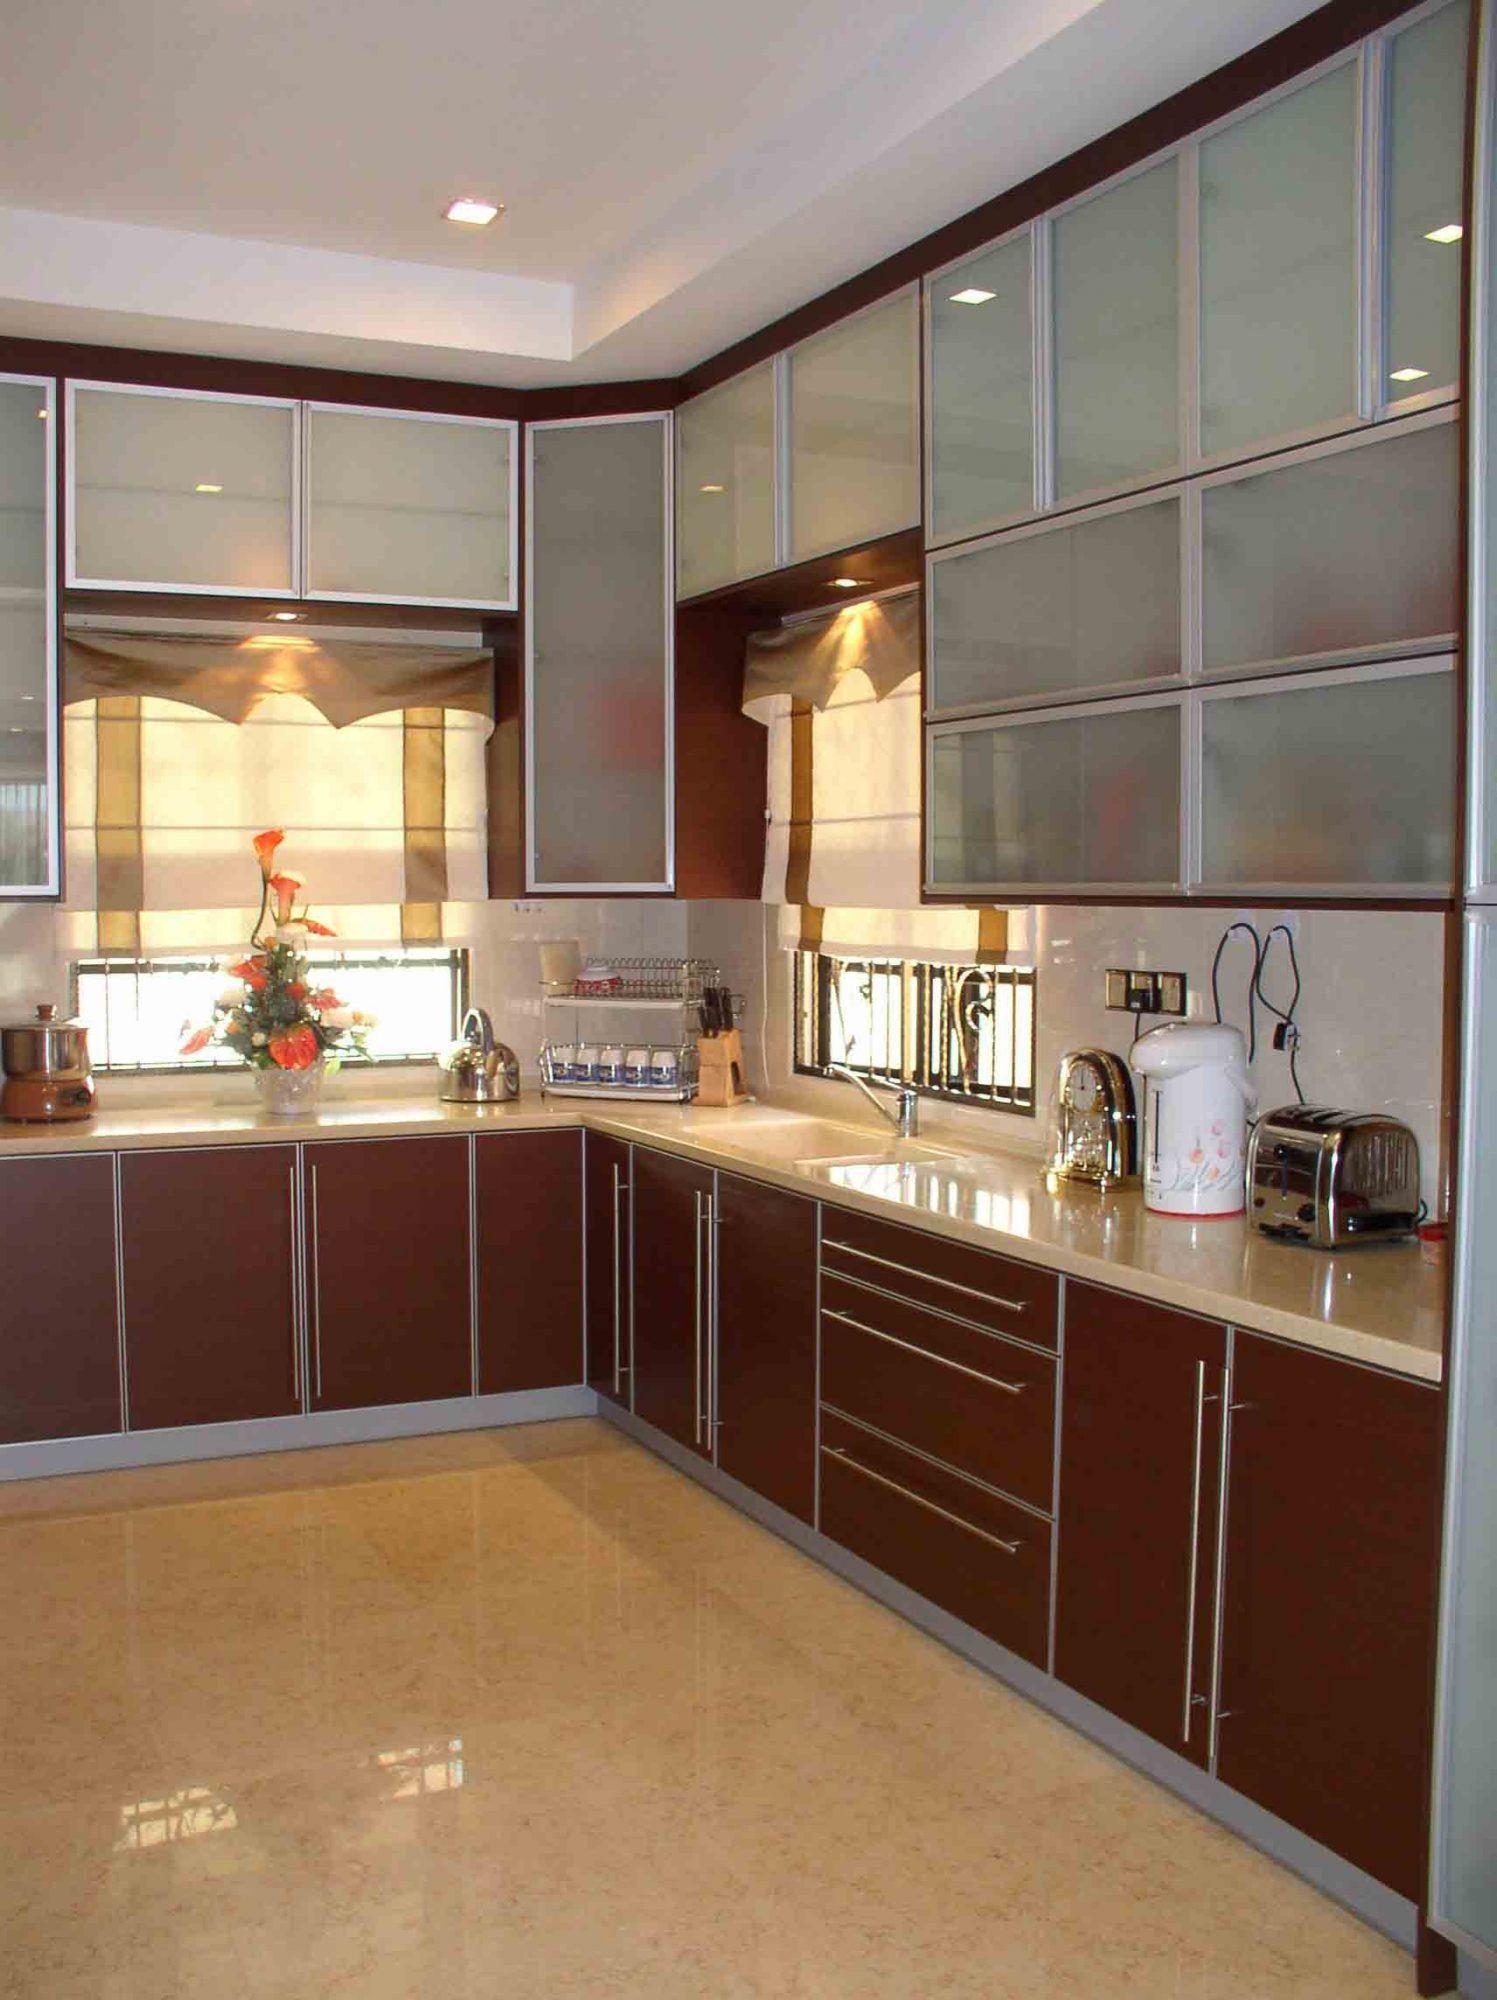 Kitchen Cabinet Design Tool Free Online 2021 In 2020 Kitchen